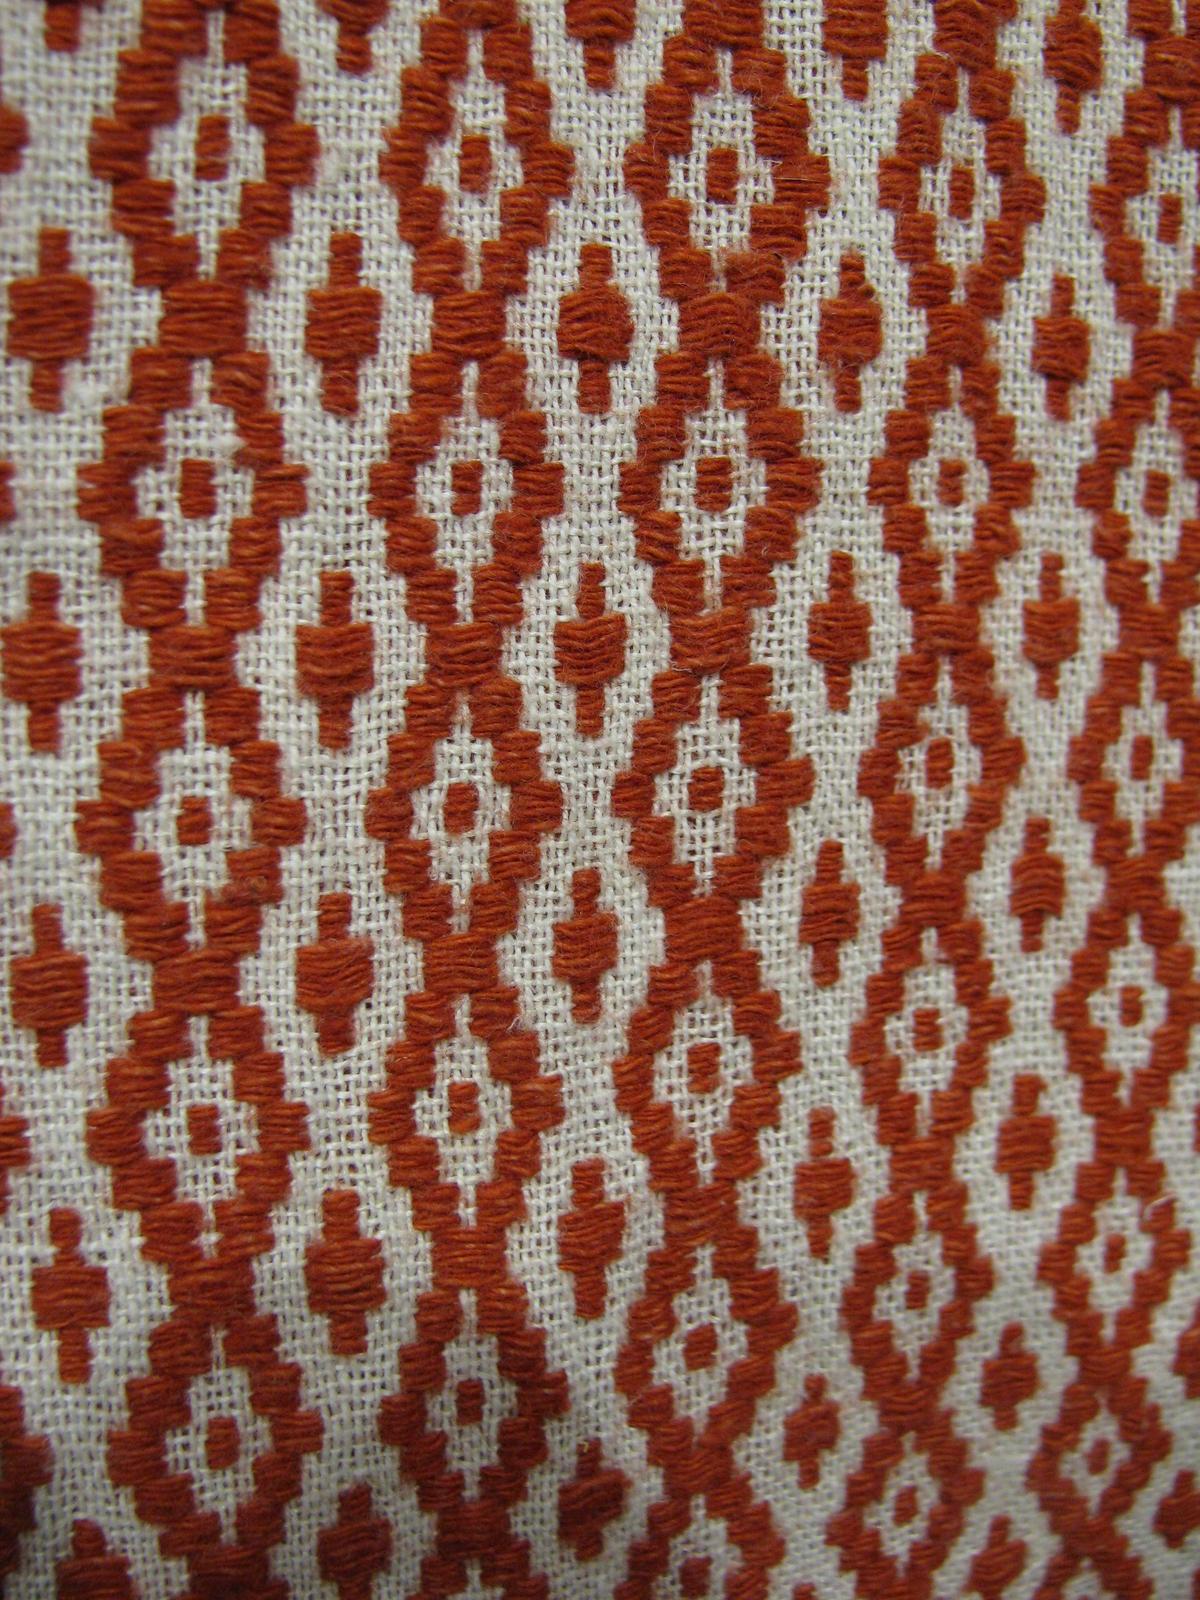 Фото №38123. Ручное ткачество. Фрагмент узора